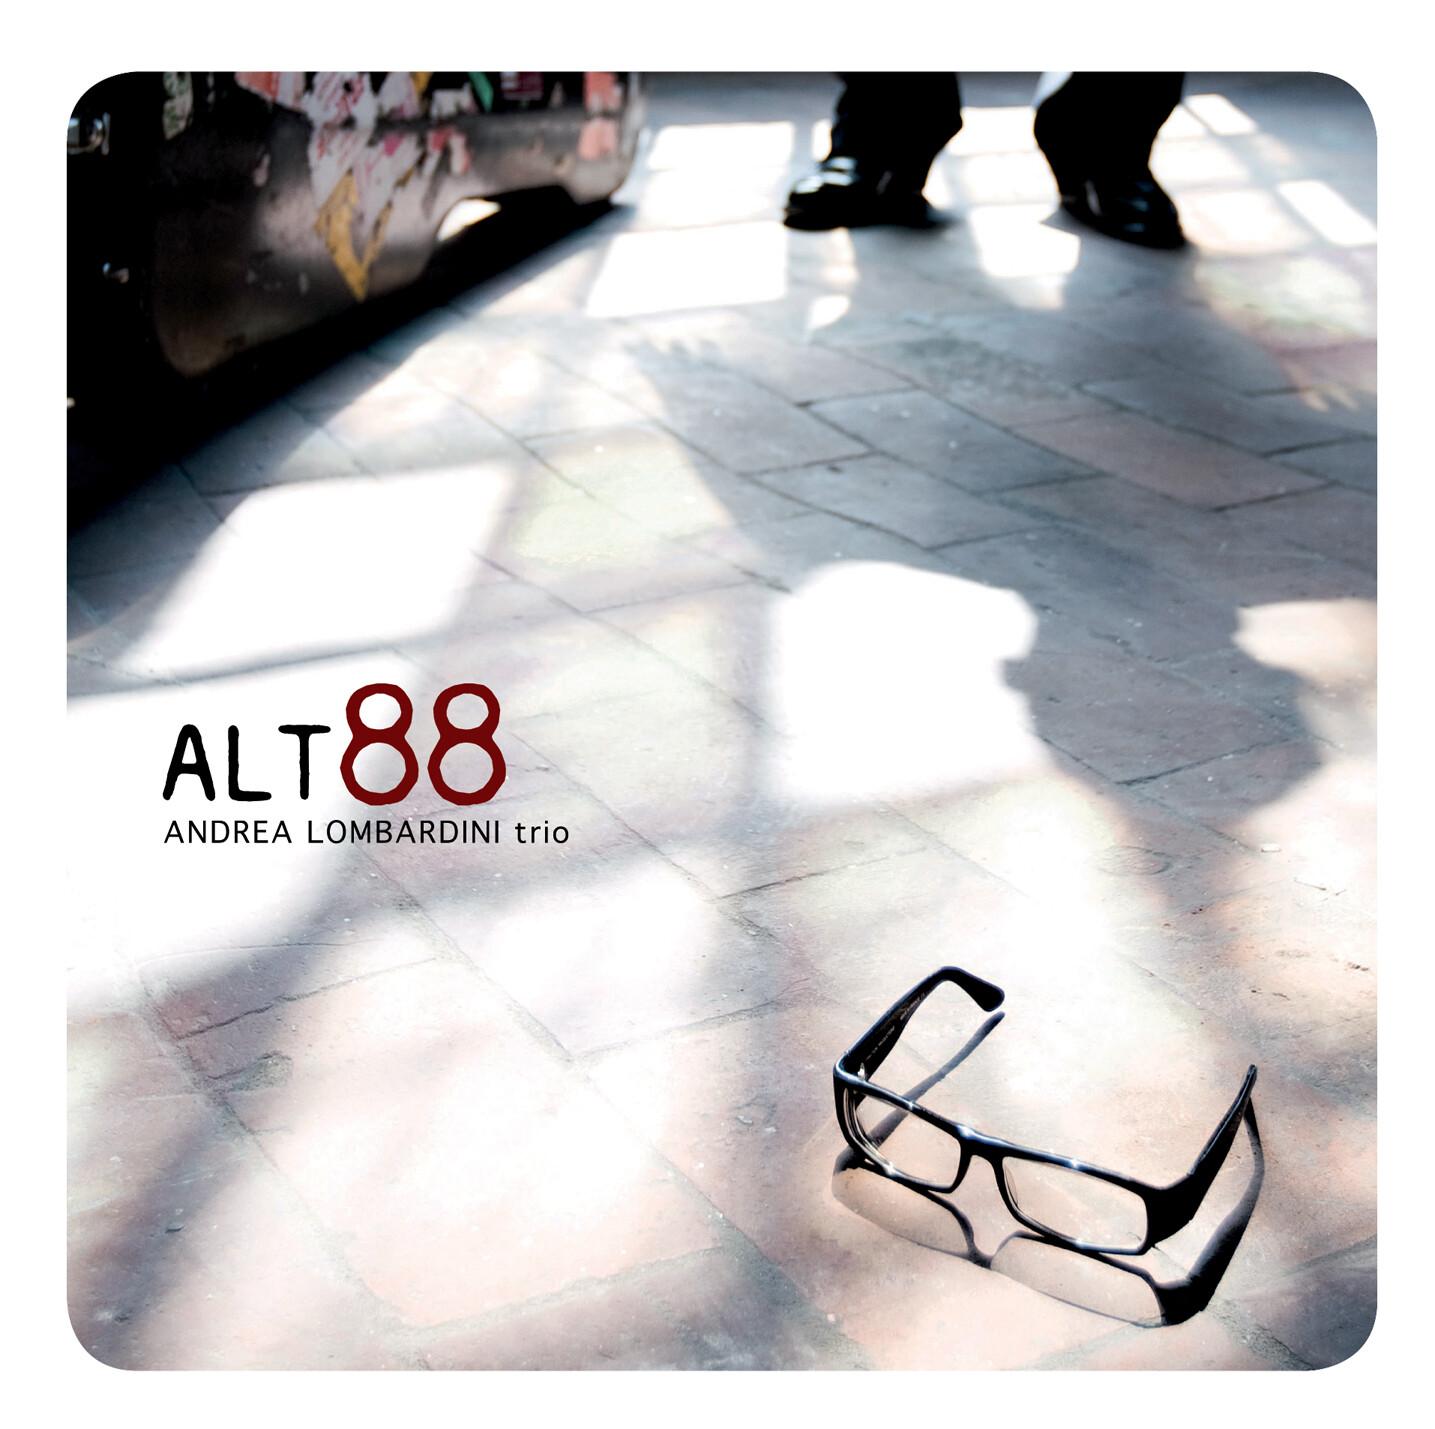 ANDREA LOMBARDINI TRIO  «Alt 88»